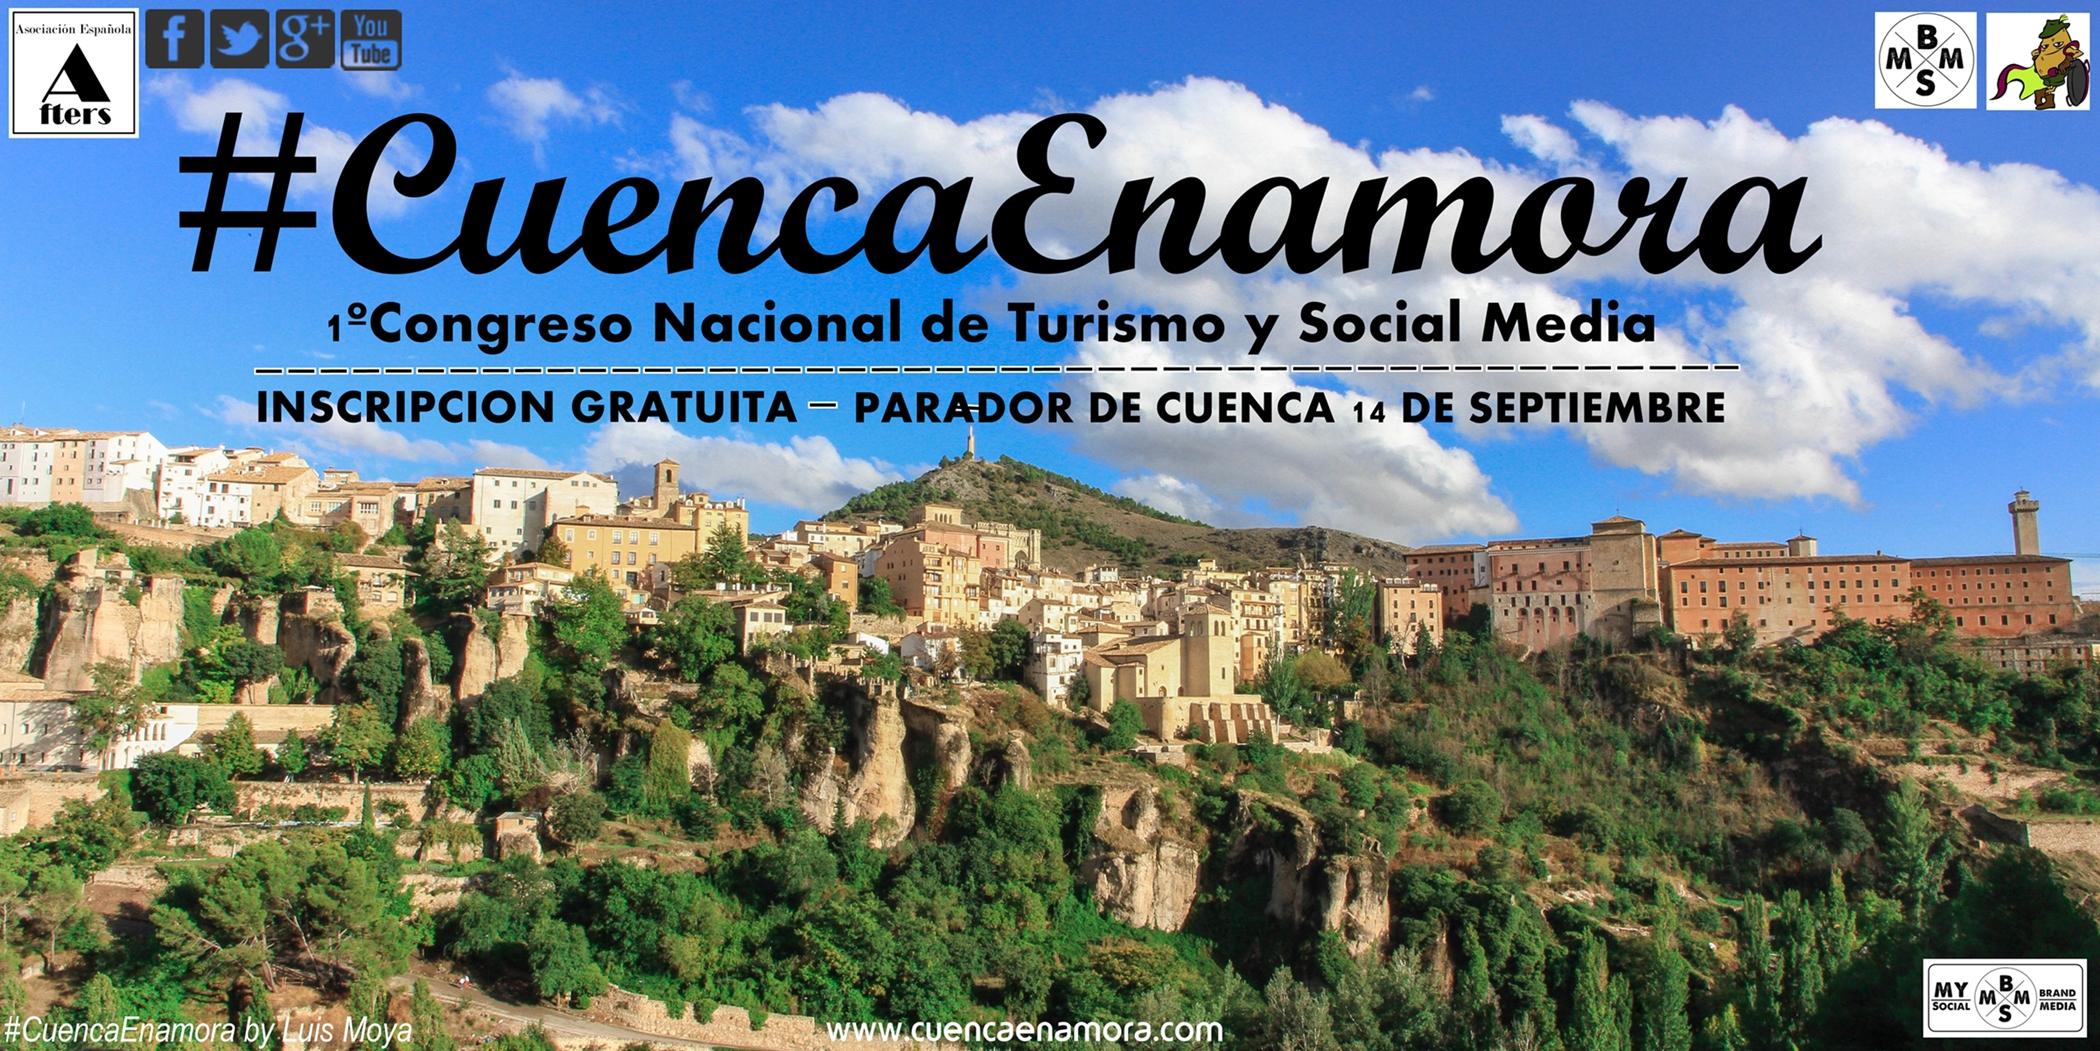 1º Congreso Nacional de Turismo y Social Media #CuencaEnamora el 14 de Septiembre, a las 11 h. en el Parador de Cuenca.